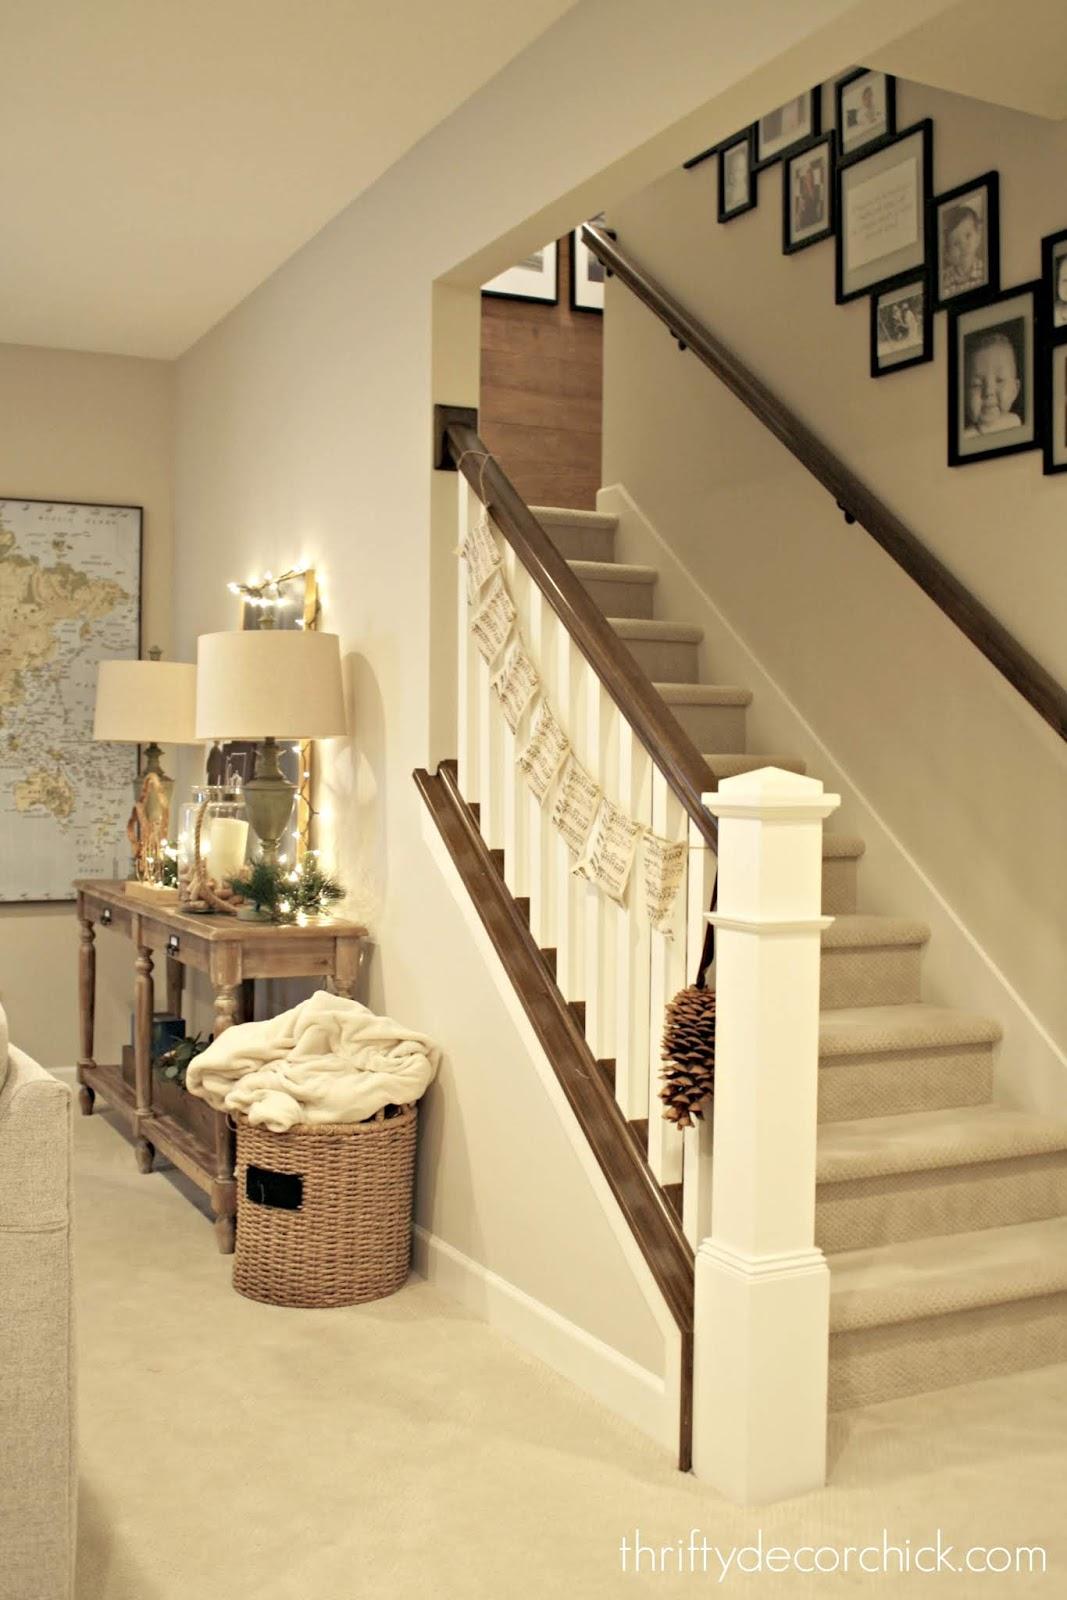 Wood railings and handrail basement steps